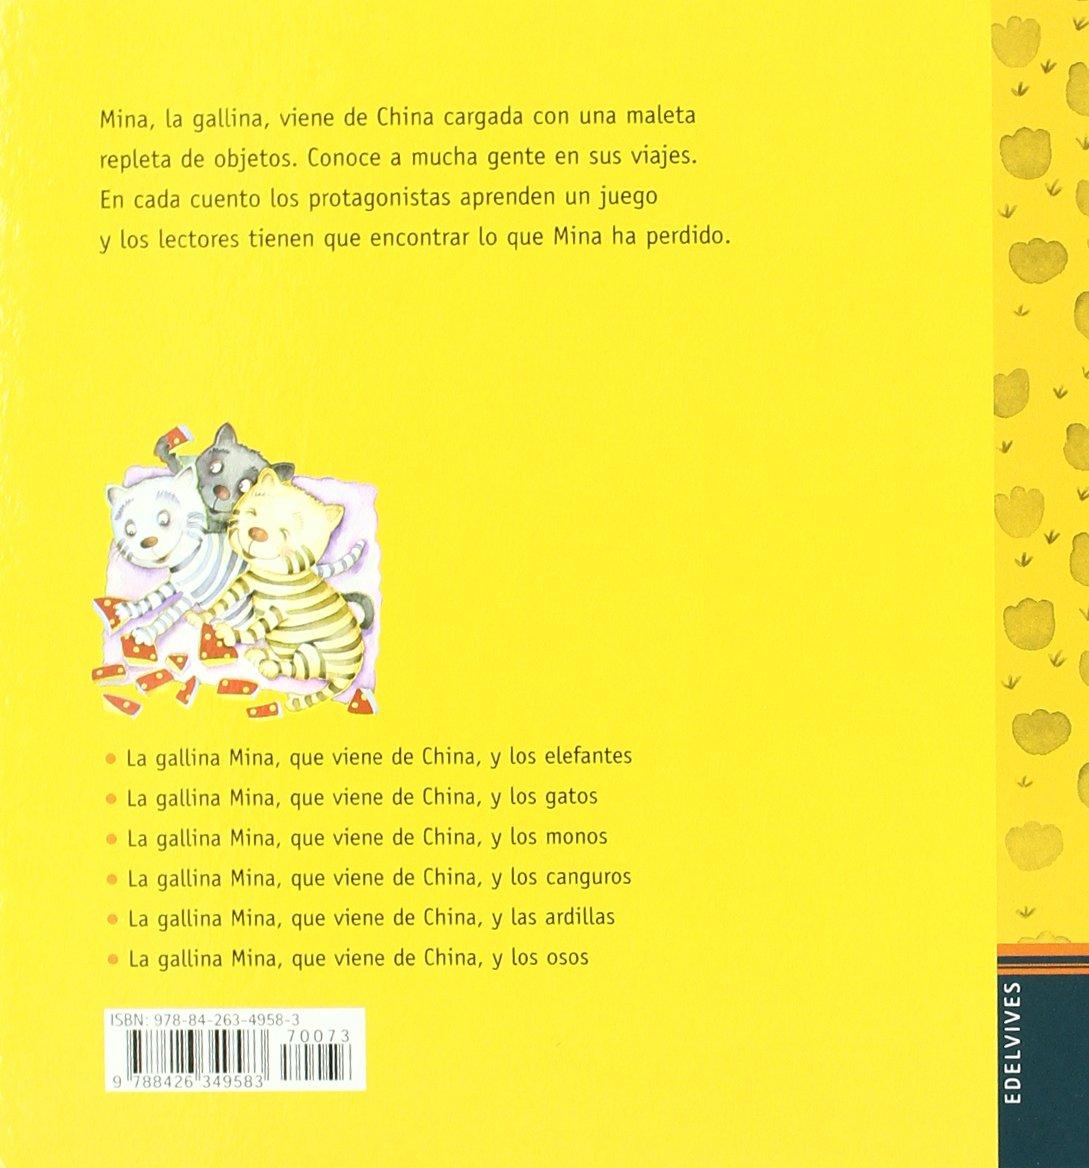 La gallina Mina que viene de China y los gatos: Mercè Arànega: 9788426349583: Amazon.com: Books